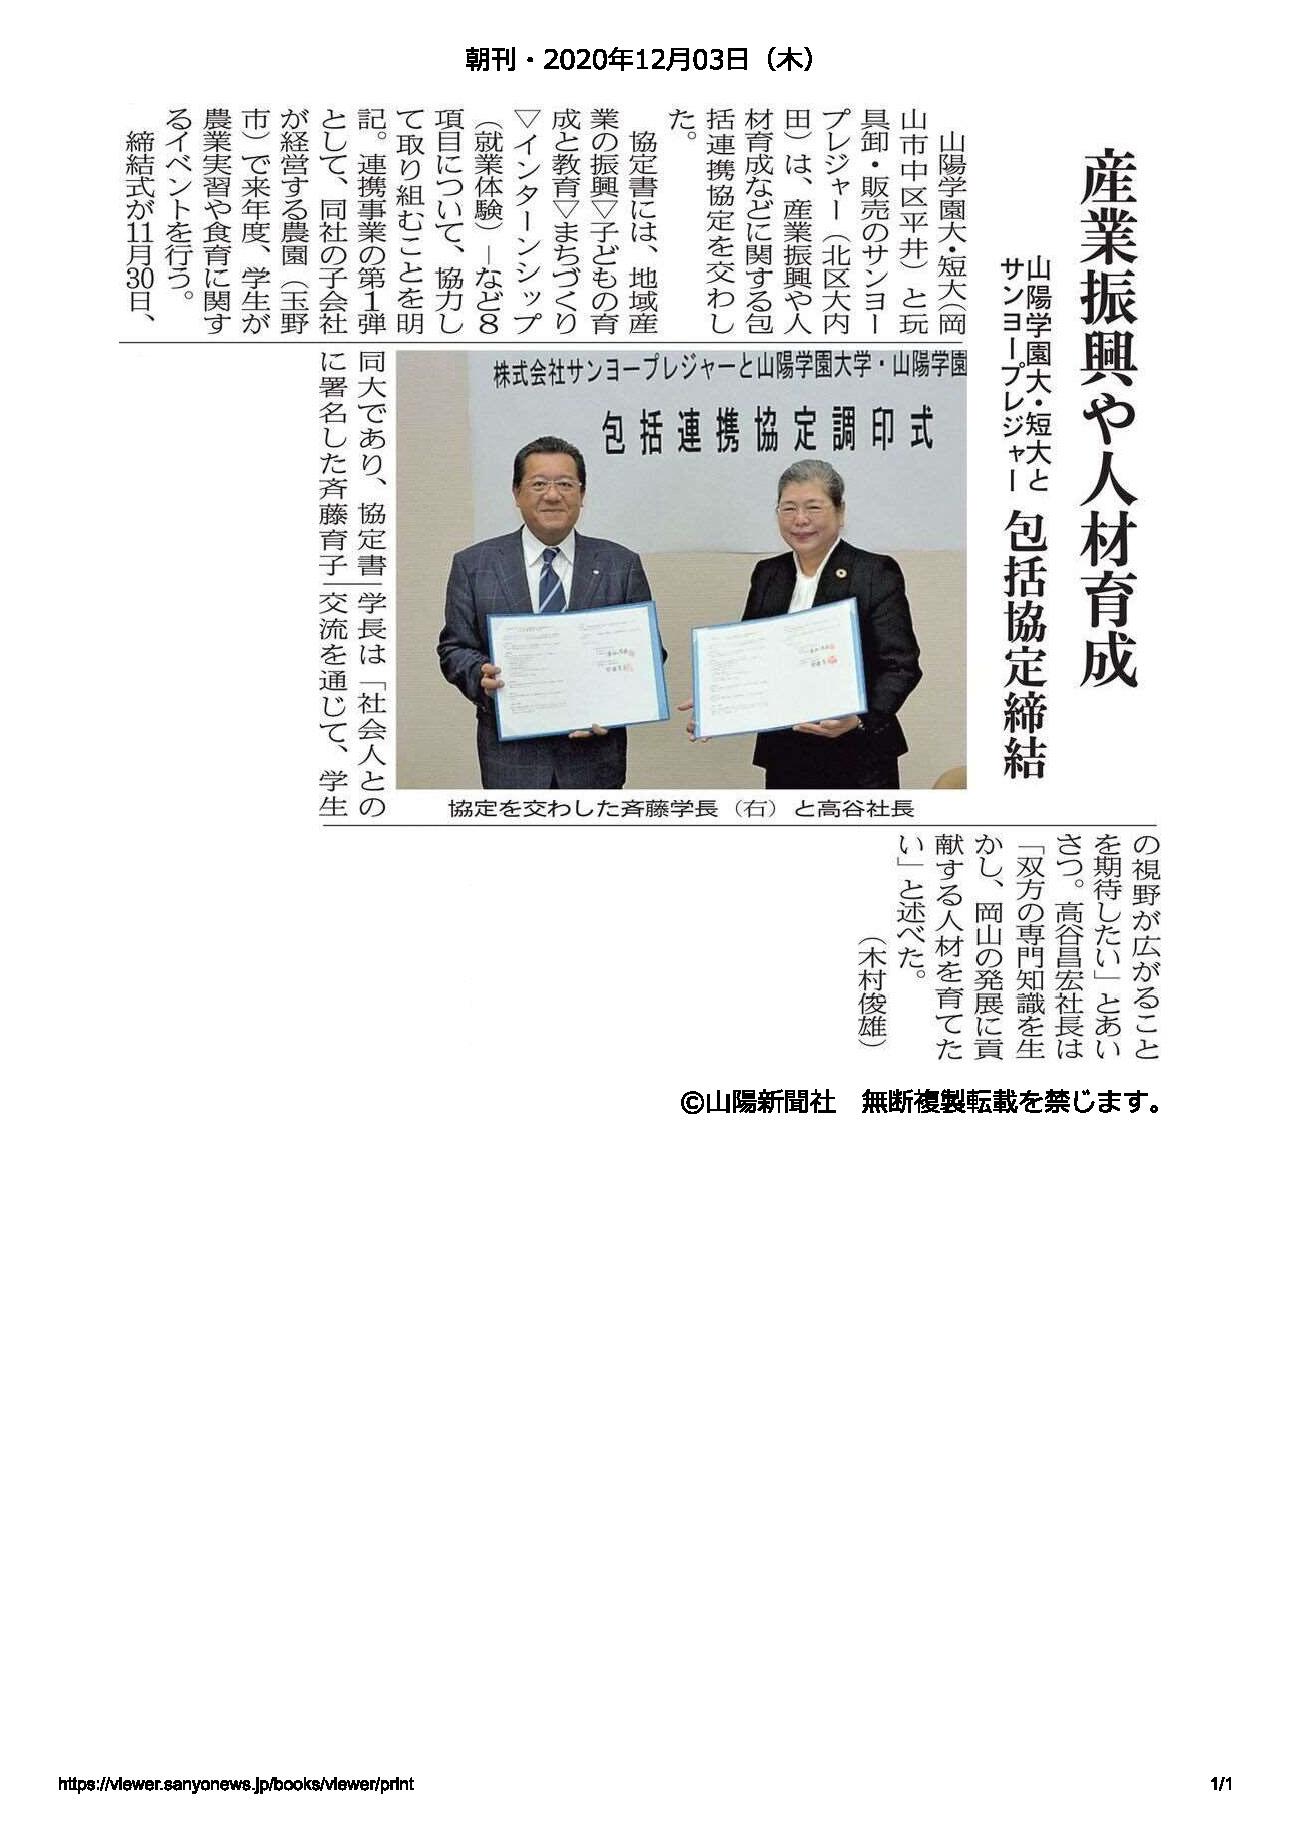 山陽学園大・短大とサンヨープレジャー包括連携協定締結20201203